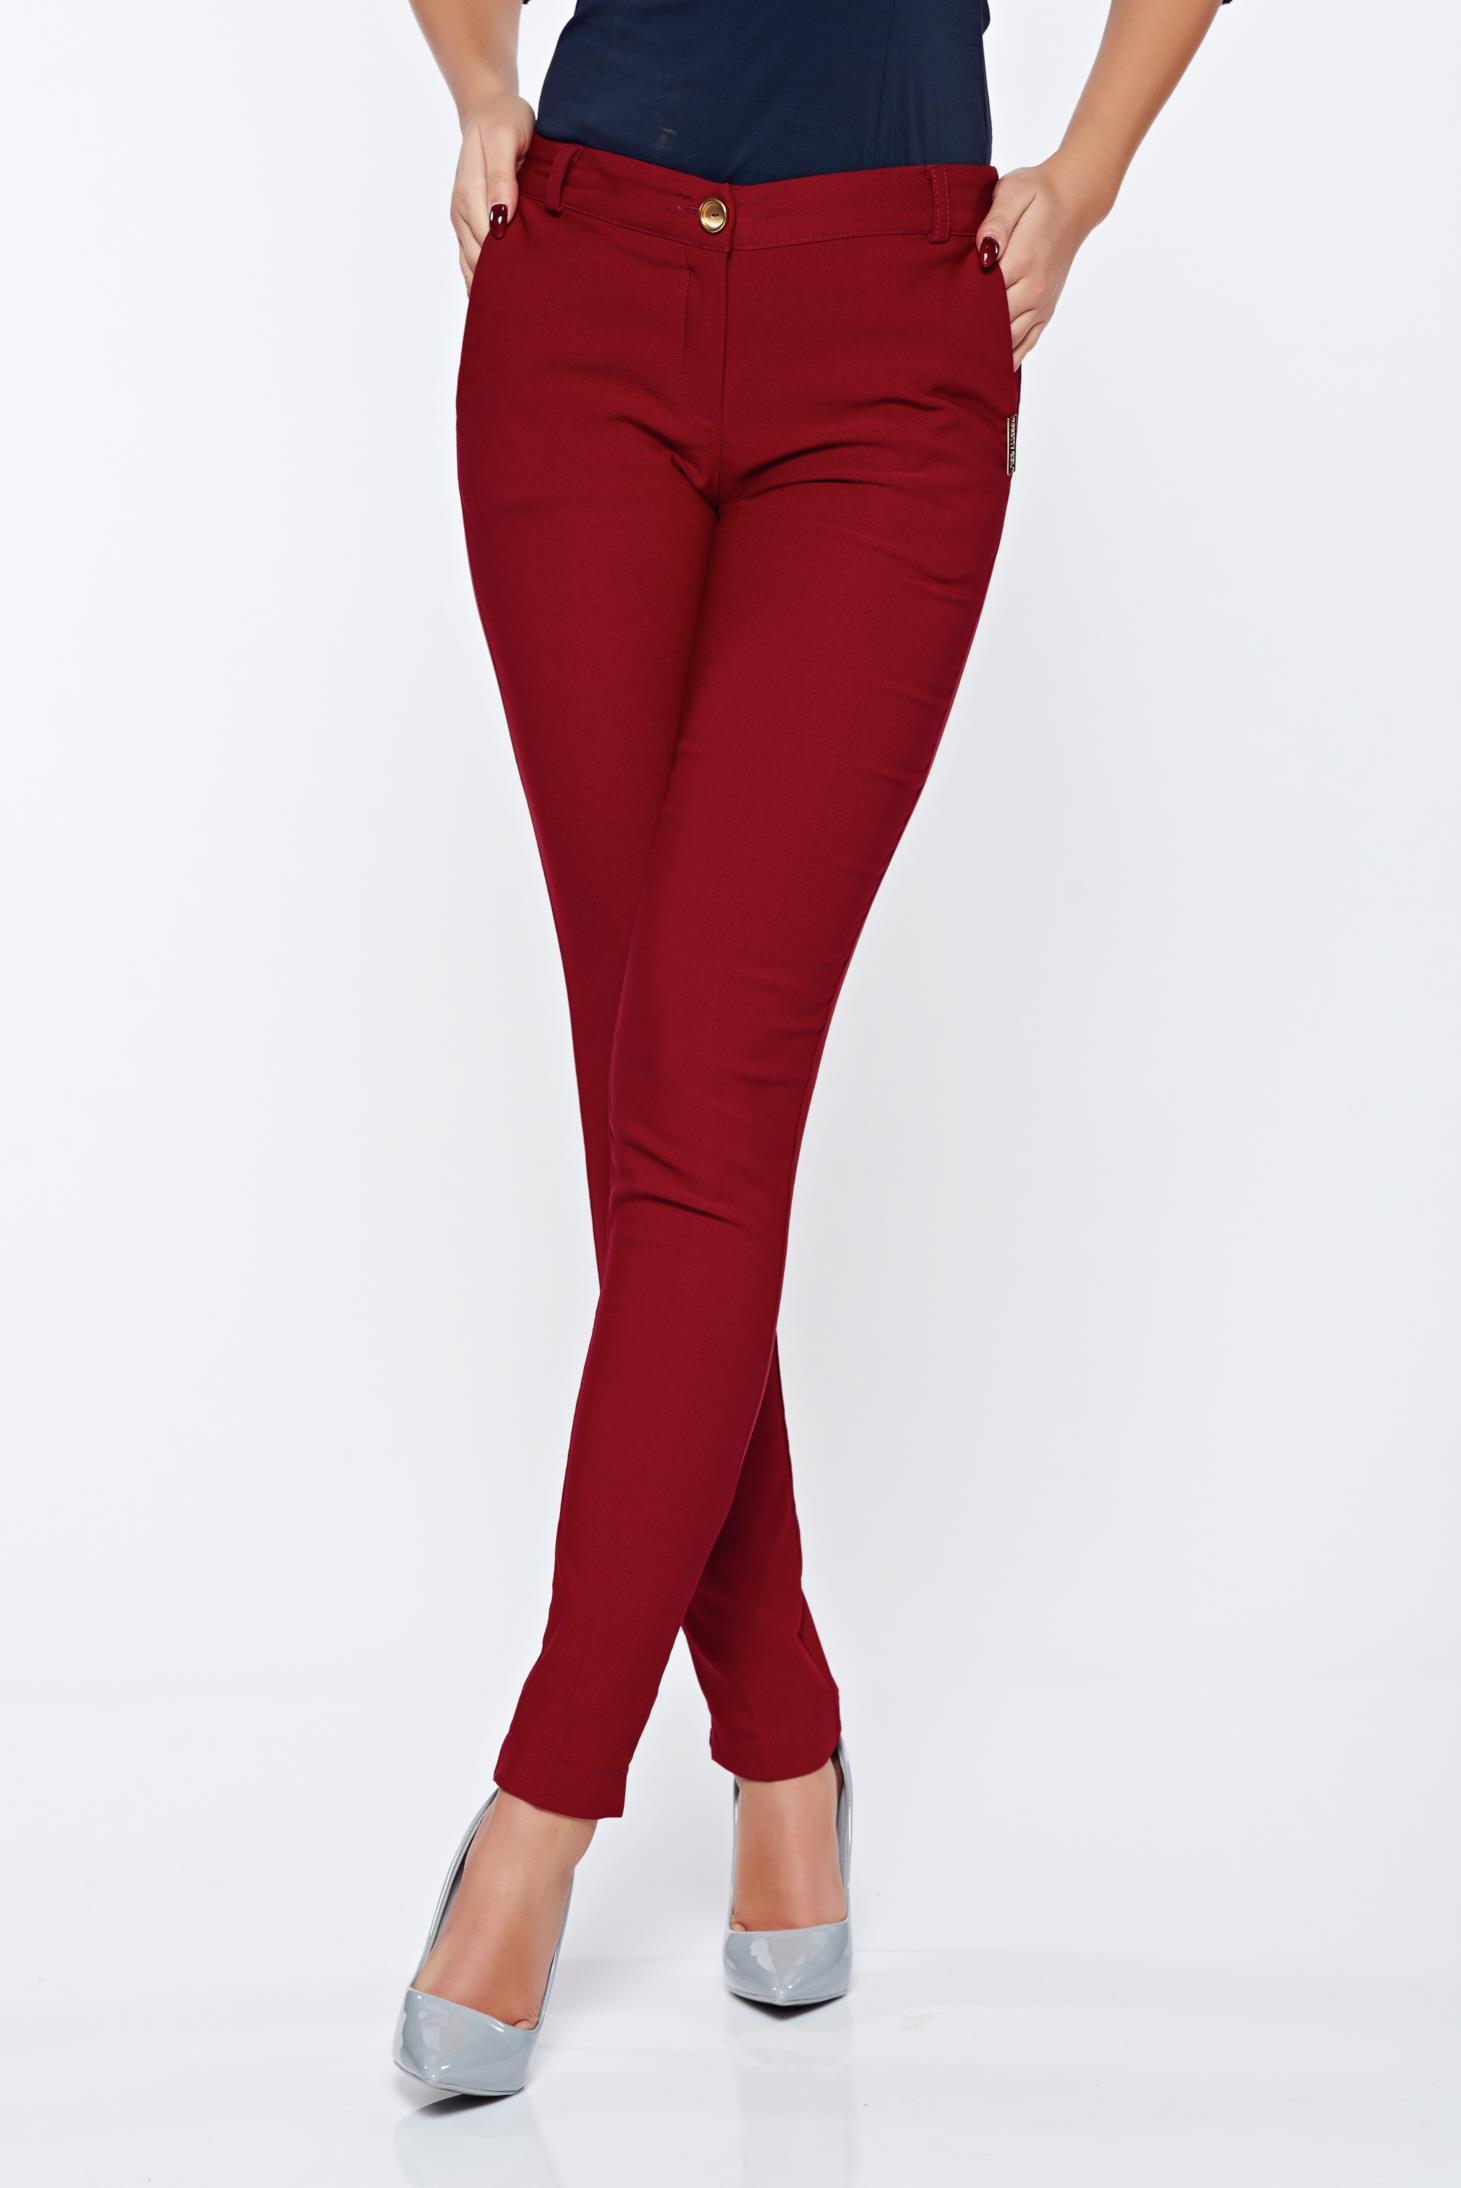 Pantaloni PrettyGirl visinii office conici cu buzunare cu talie medie